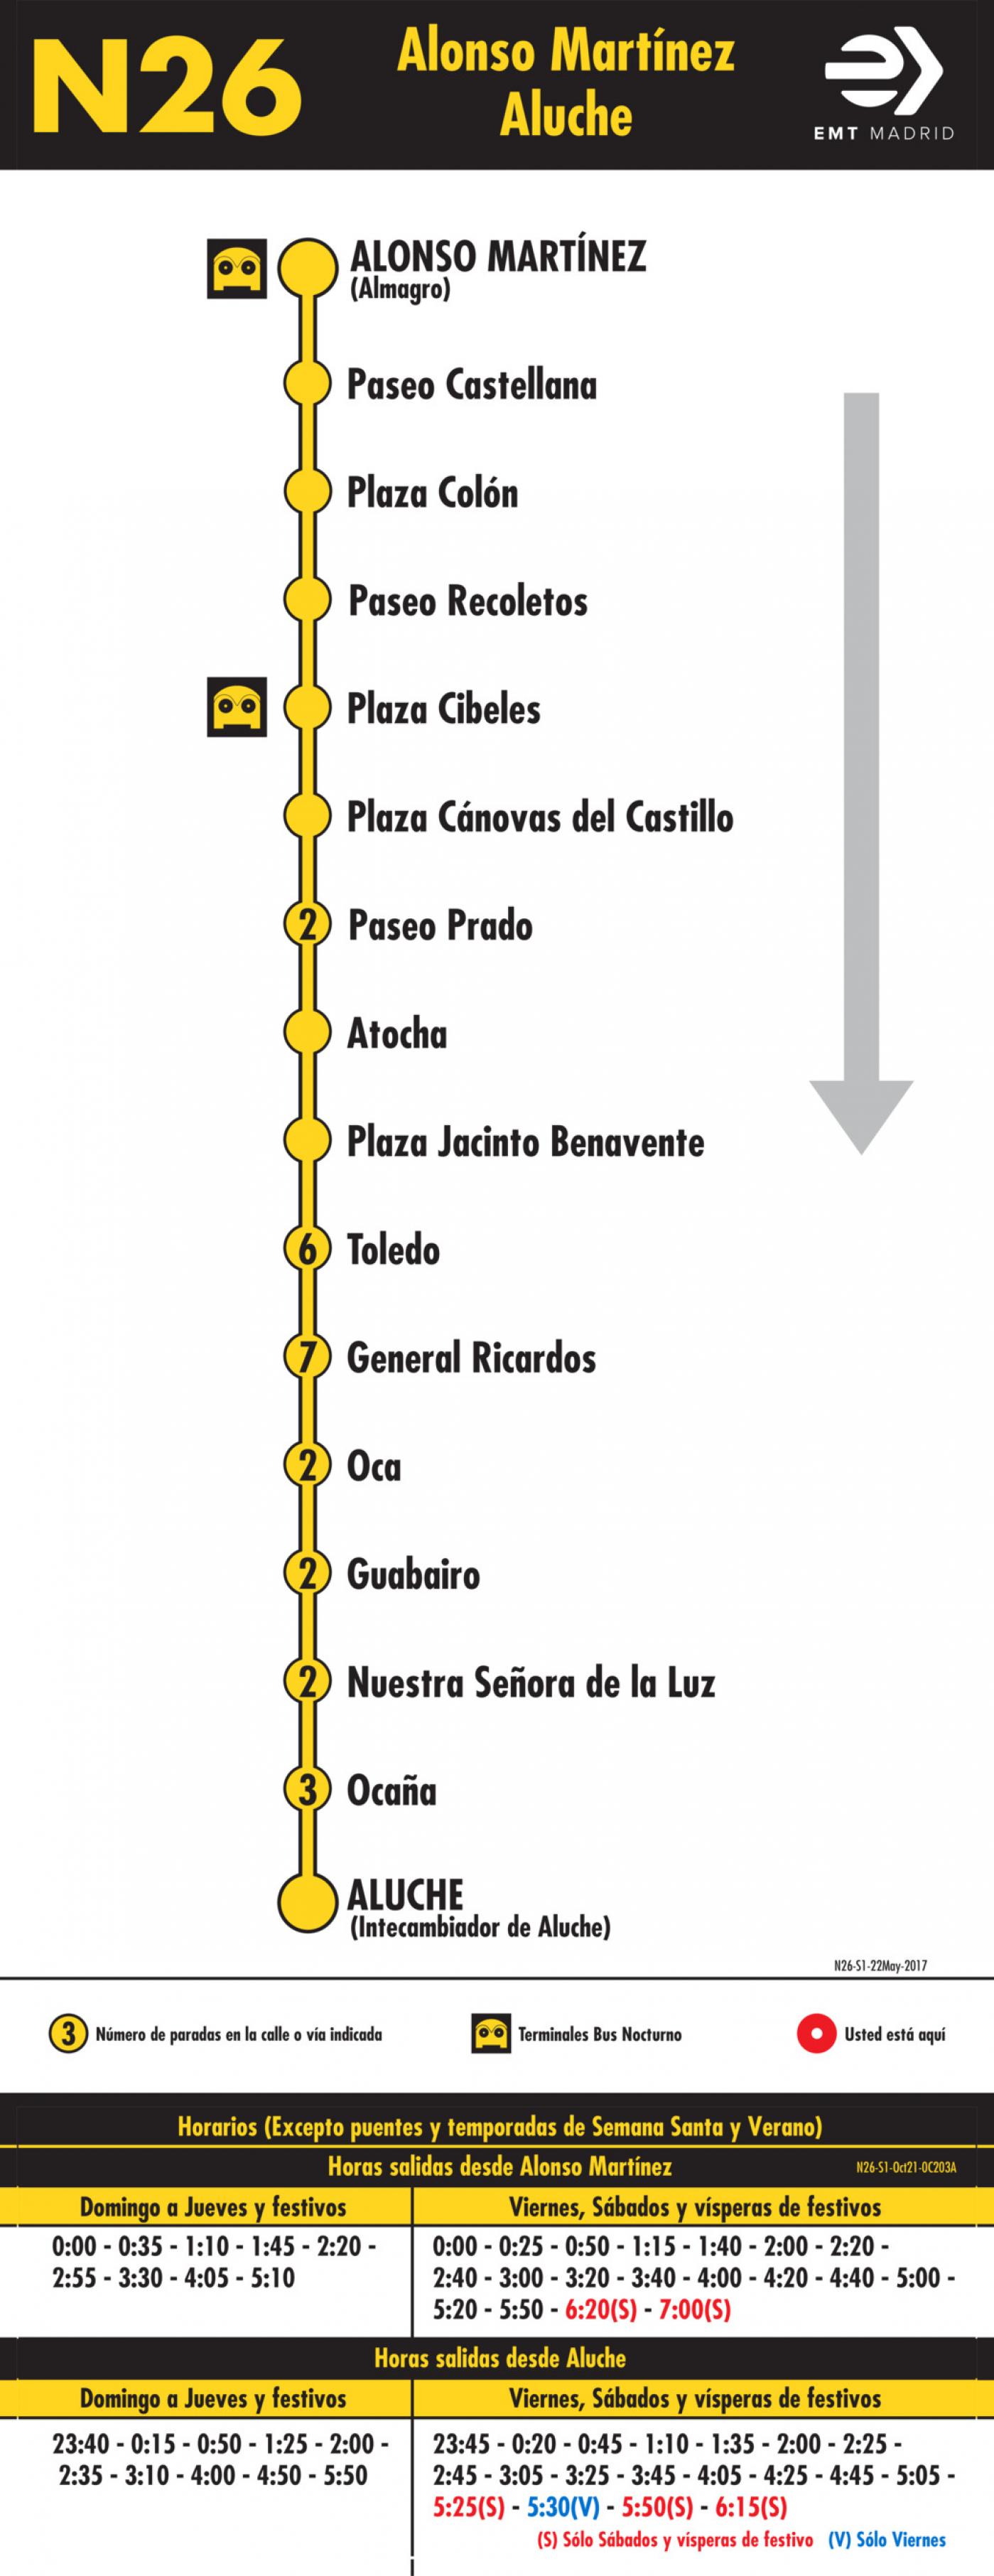 Tabla de horarios y frecuencias de paso en sentido ida Línea N26: Alonso Martínez - Aluche (búho)